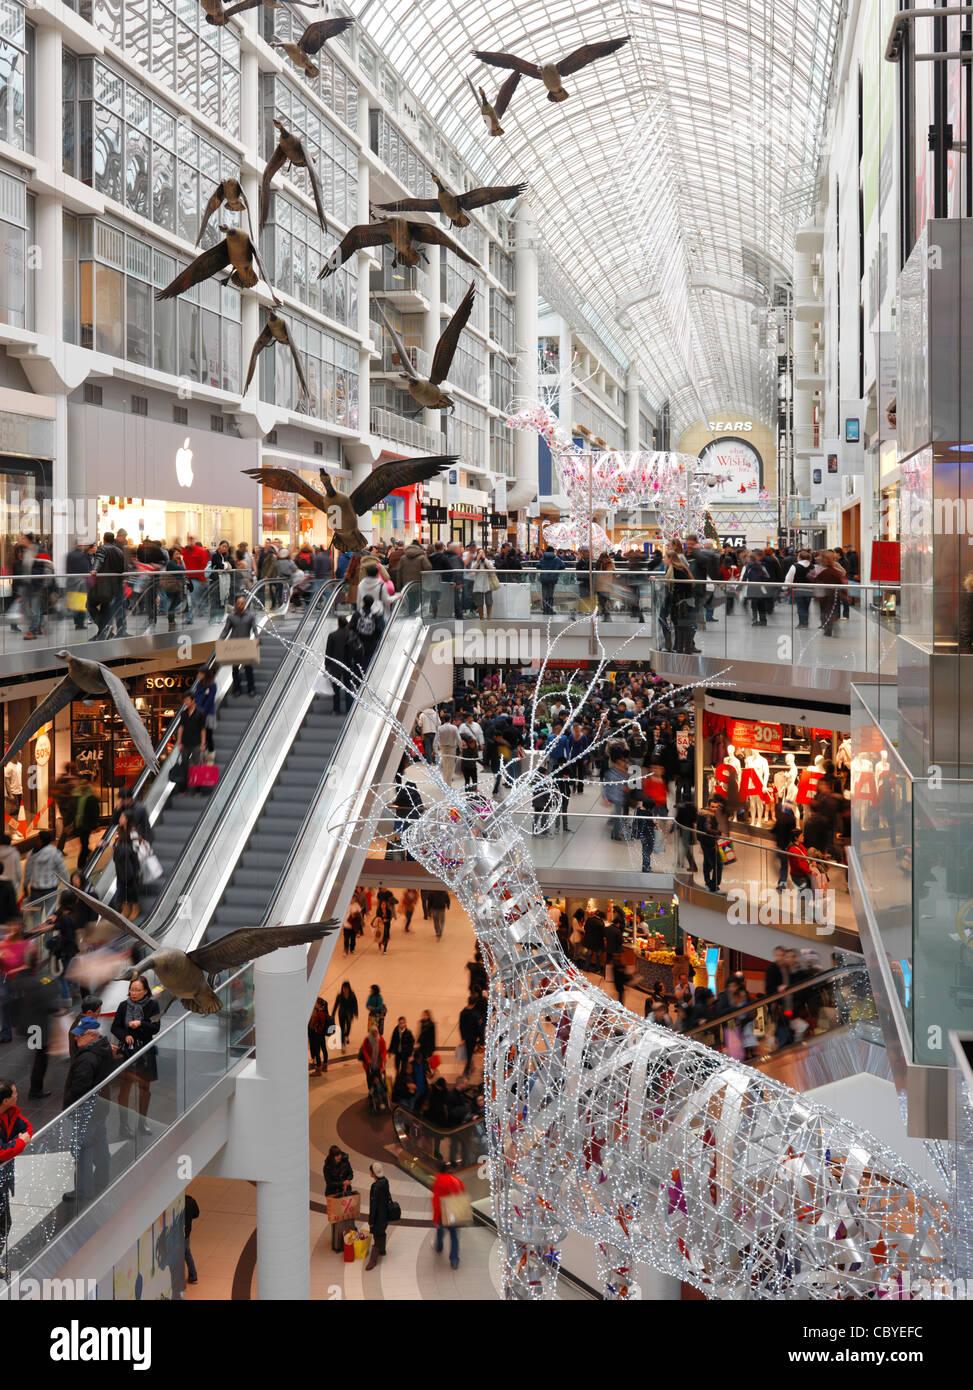 Toronto Eaton Centre shopping mall lleno de gente en el Boxing Day en 2011. Toronto, Ontario, Canadá. Imagen De Stock